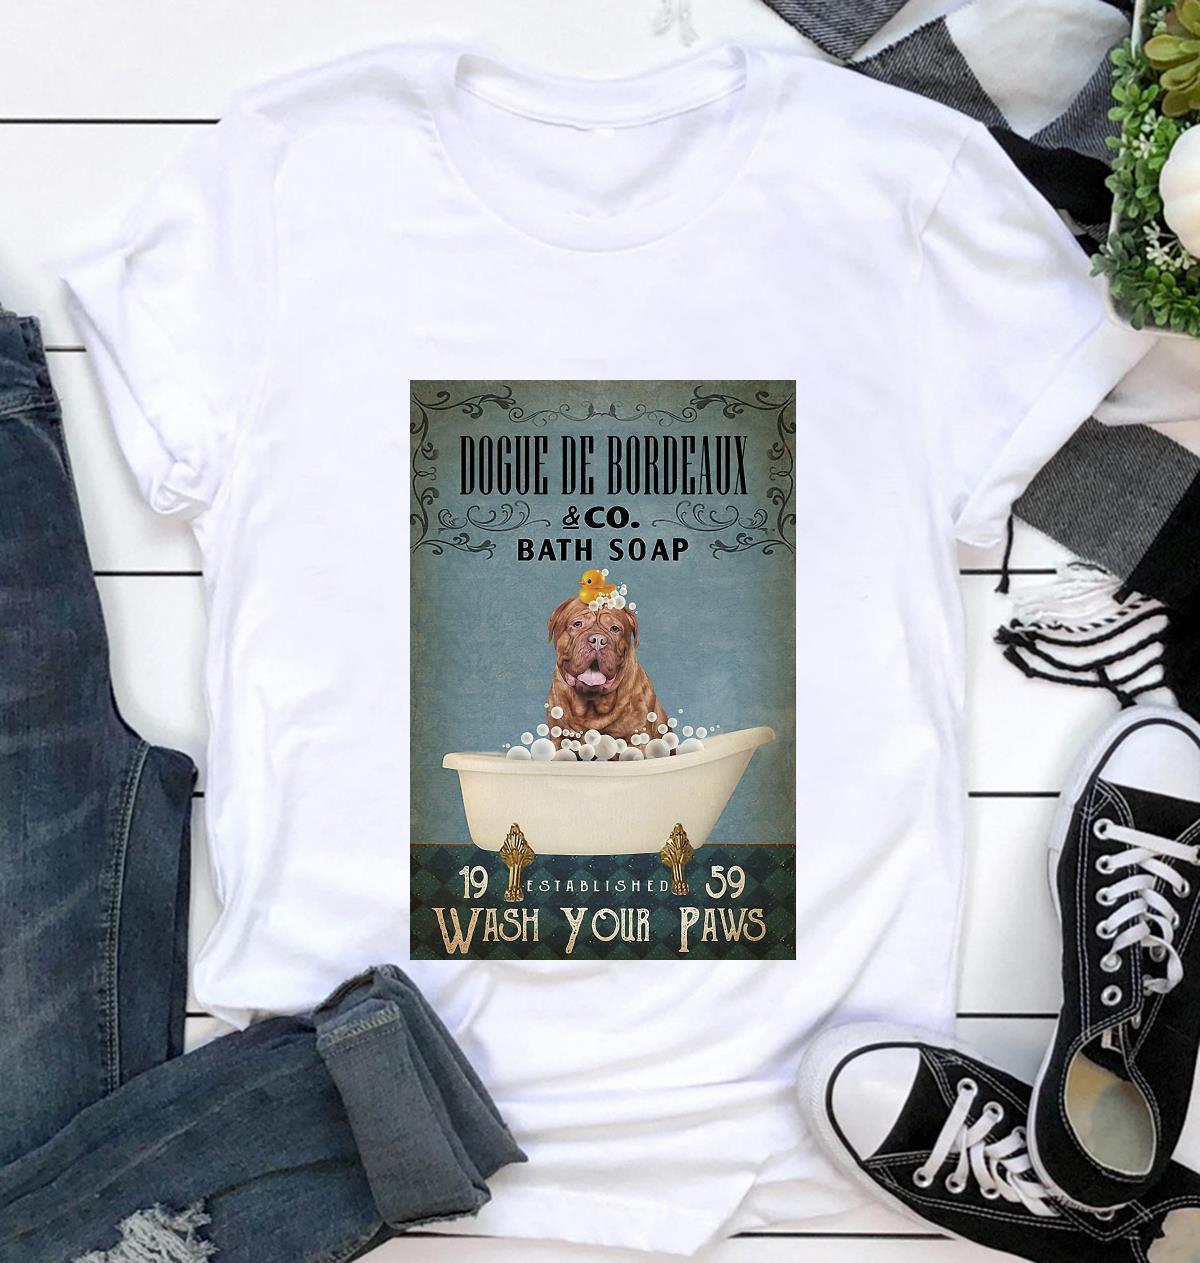 Dogue de Bordeaux bath soap wash your paws poster t-shirt